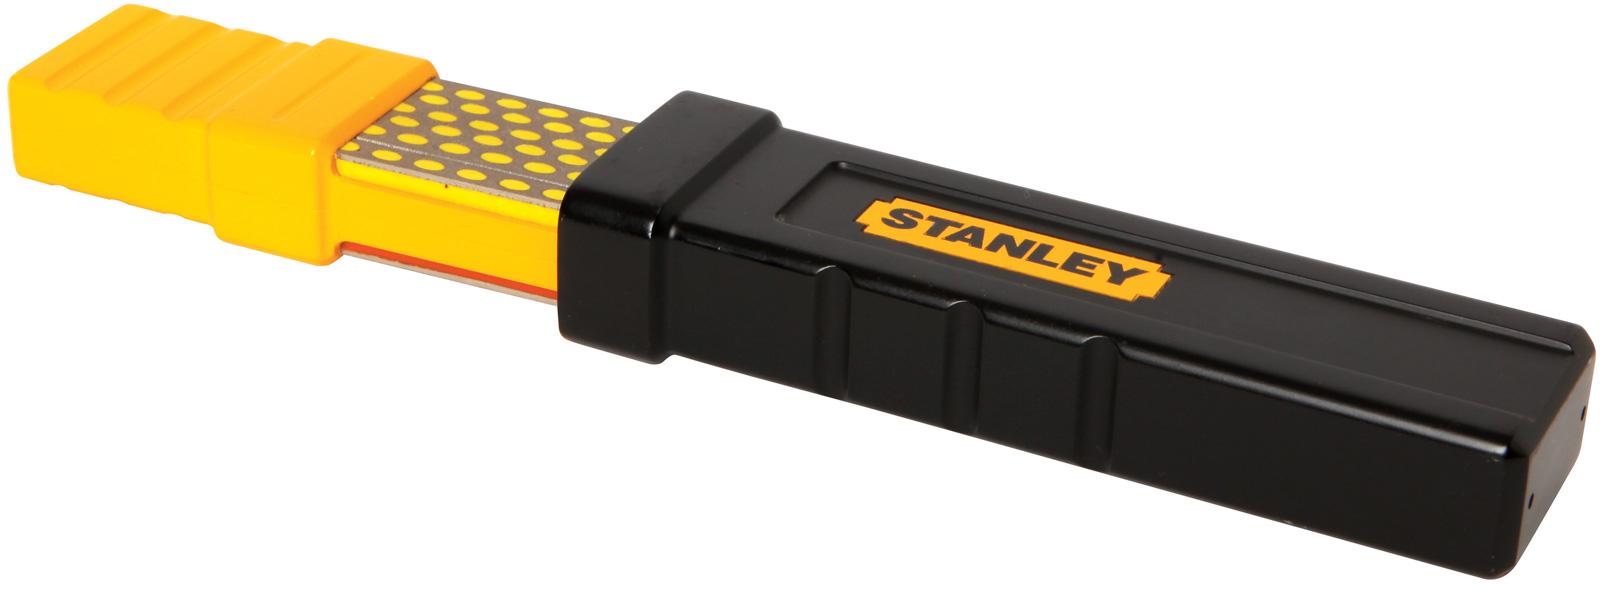 Stanley 0-16-144 - заточной брусок